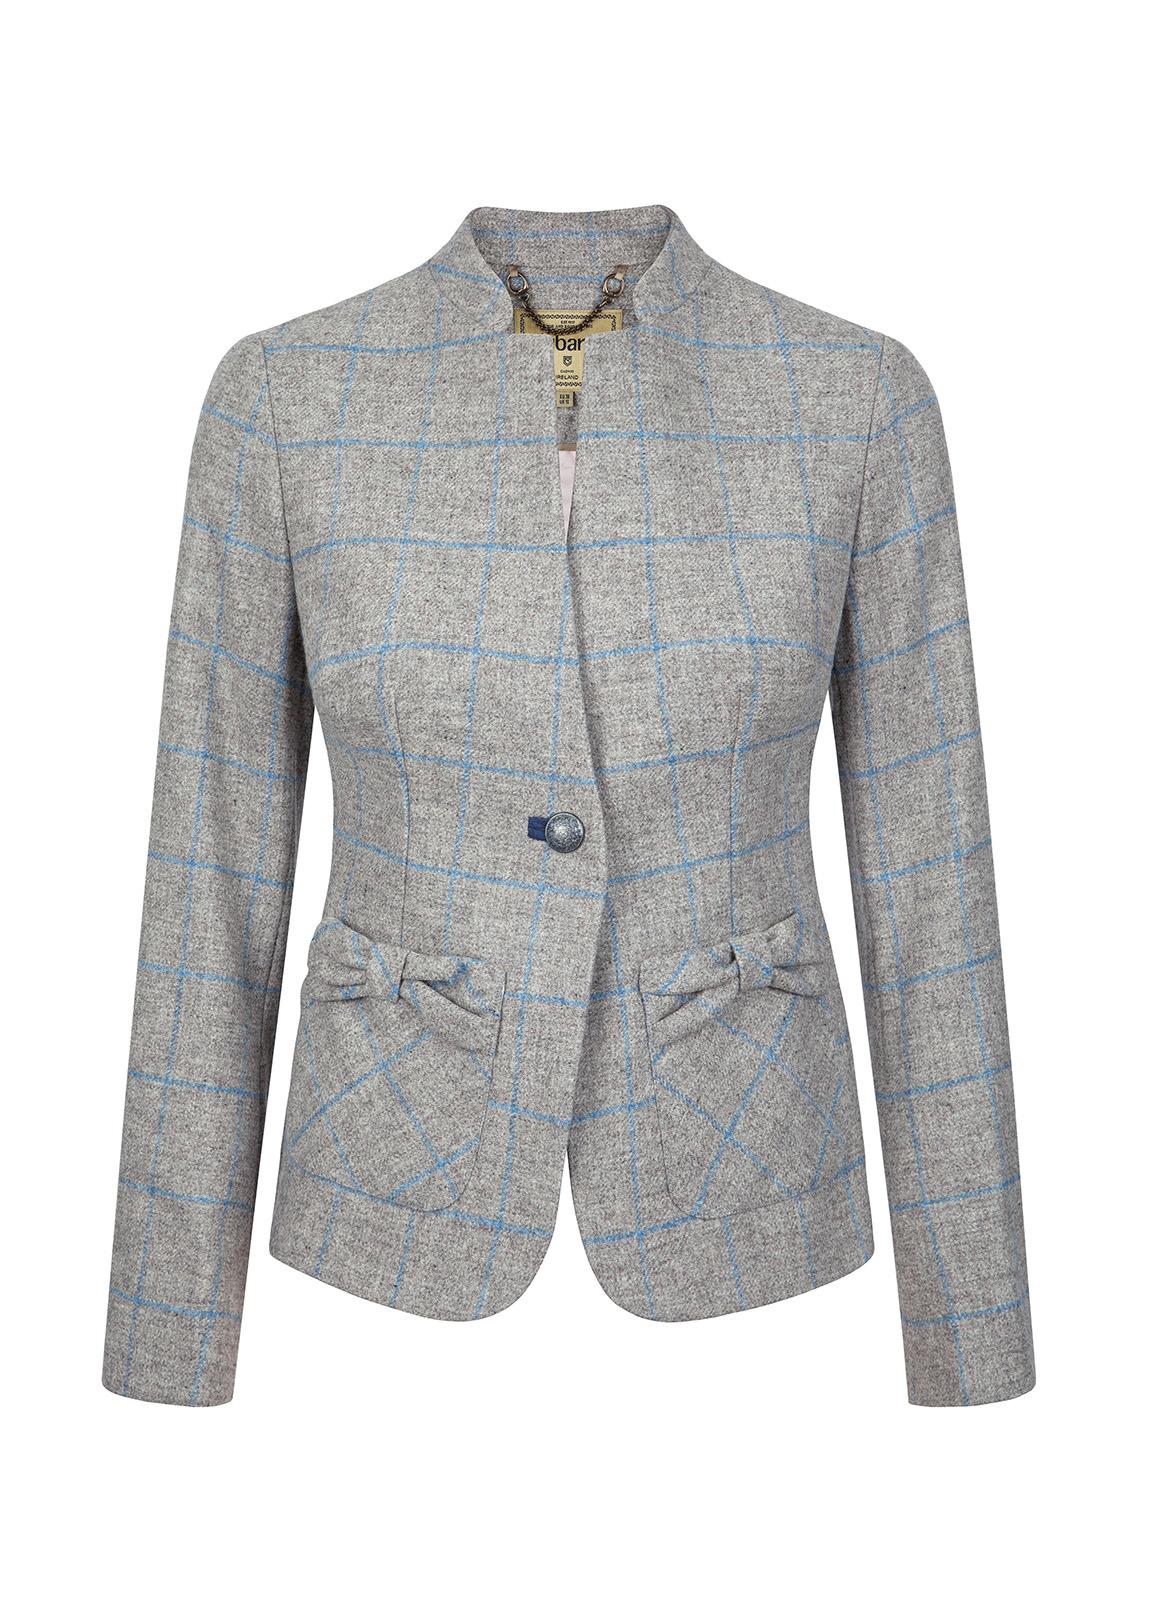 Dubarry_ Jasmine Tailored Tweed Jacket - Shale_Image_2